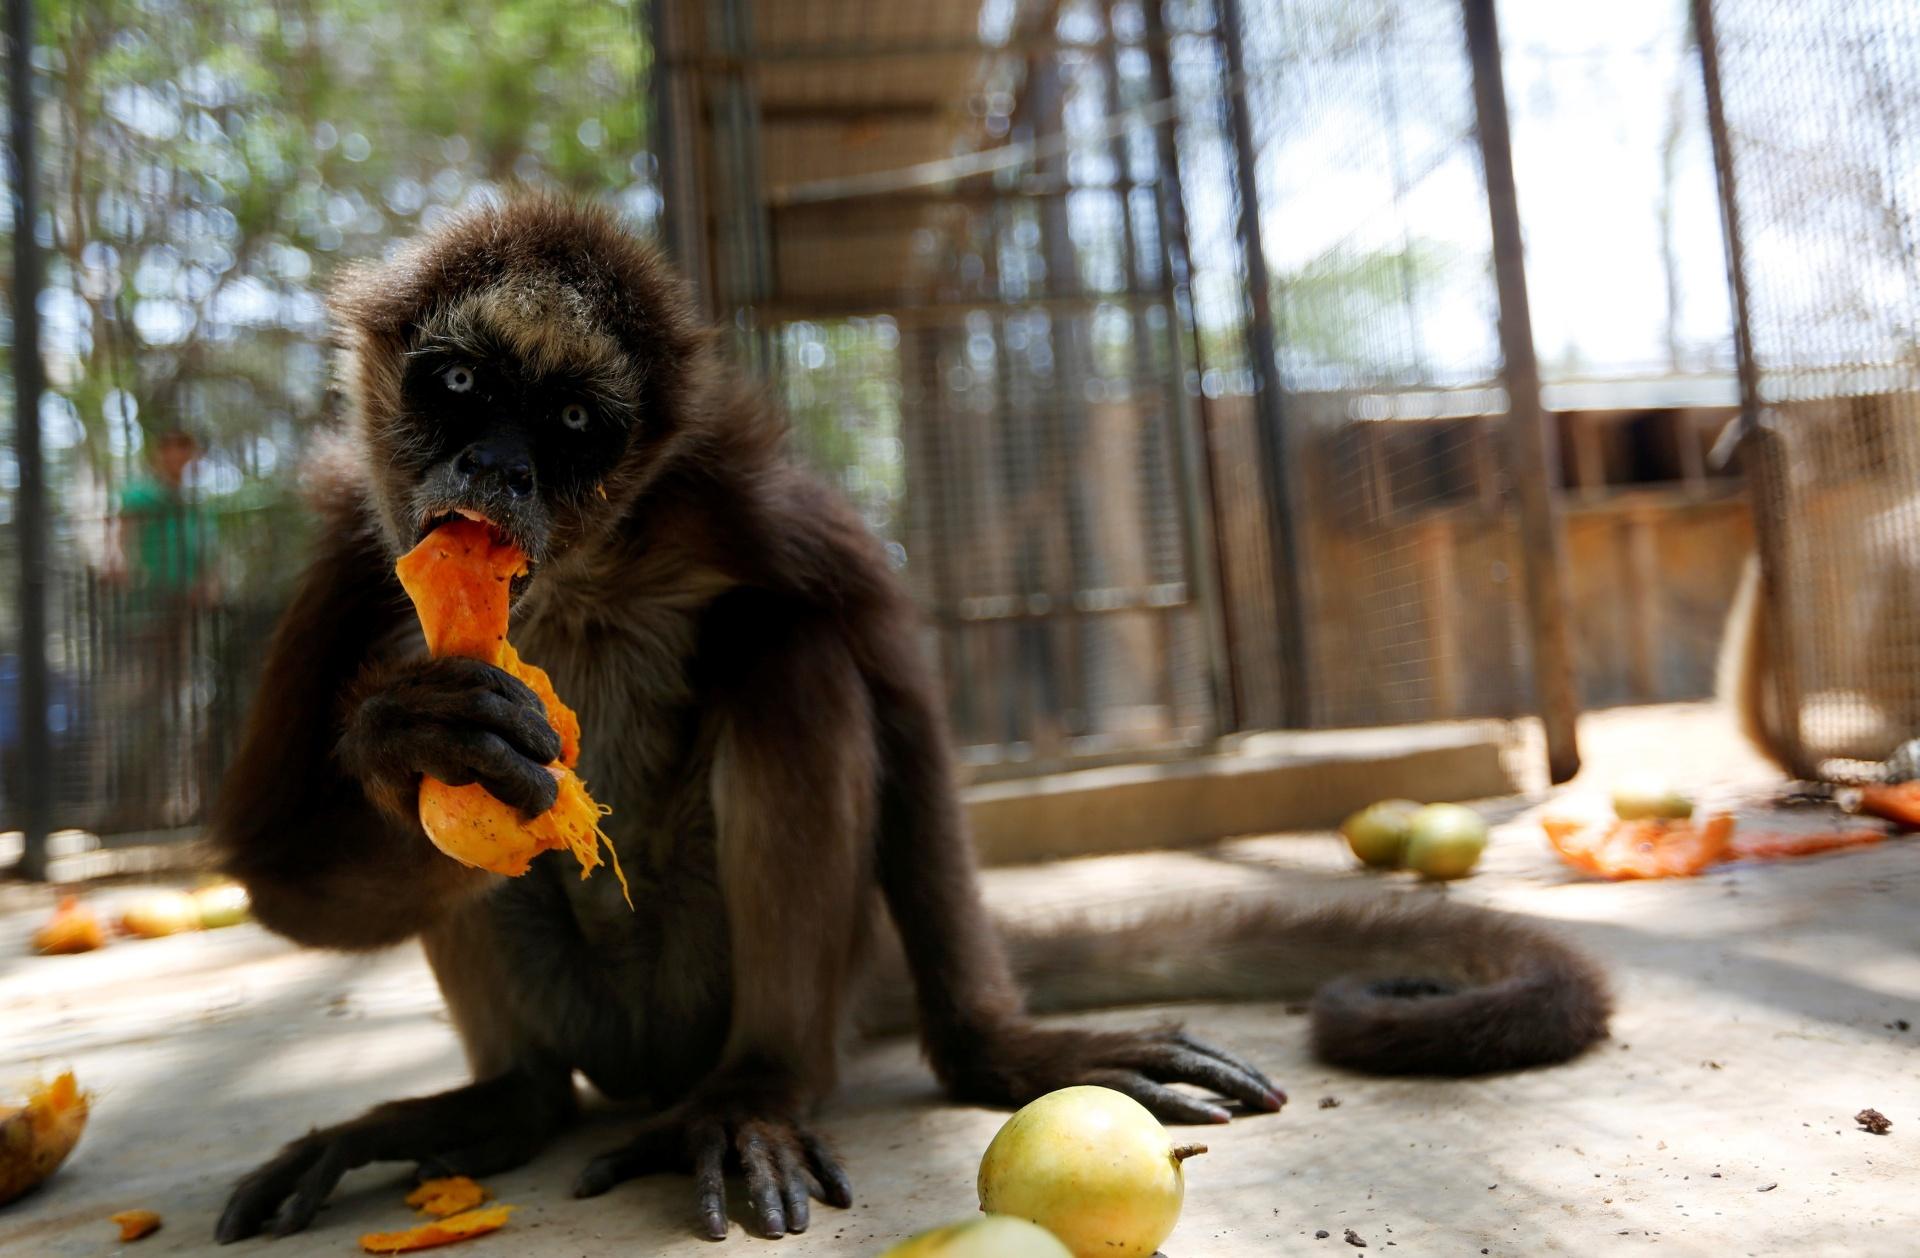 27.jul.2016 - Macaco olha para câmera enquanto come uma manga no zoológico de Paraguana, em Punto Fijo, na Venezuela